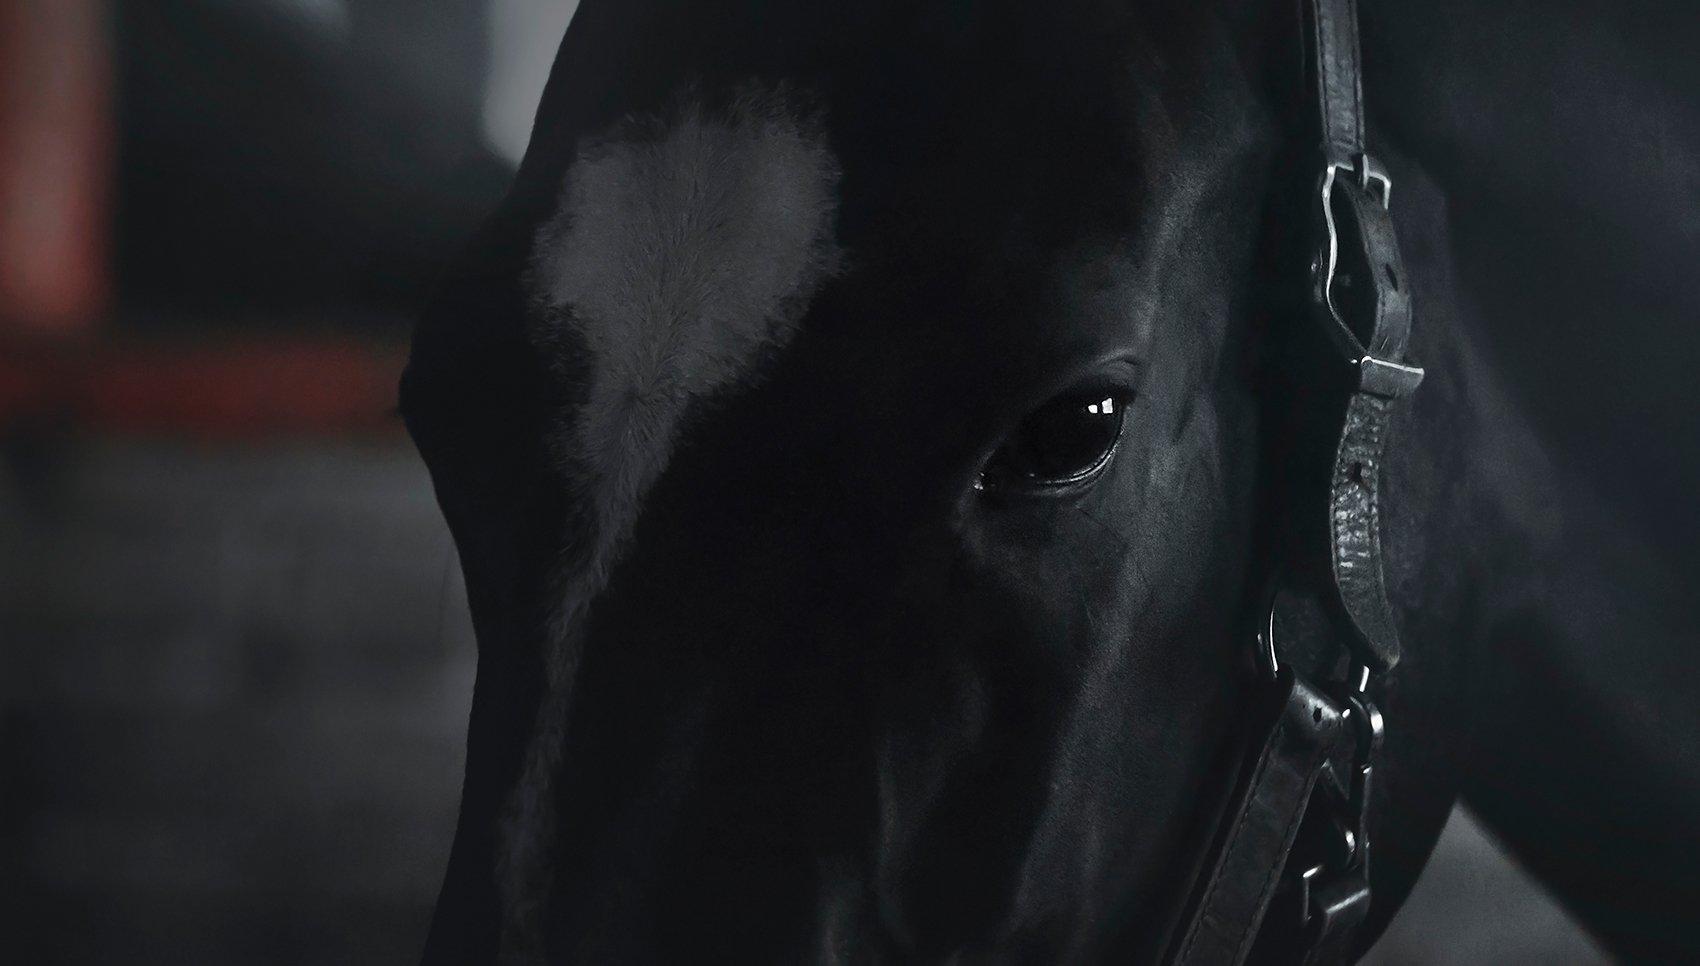 akhal-teke, horse, Tsogoeva Erika